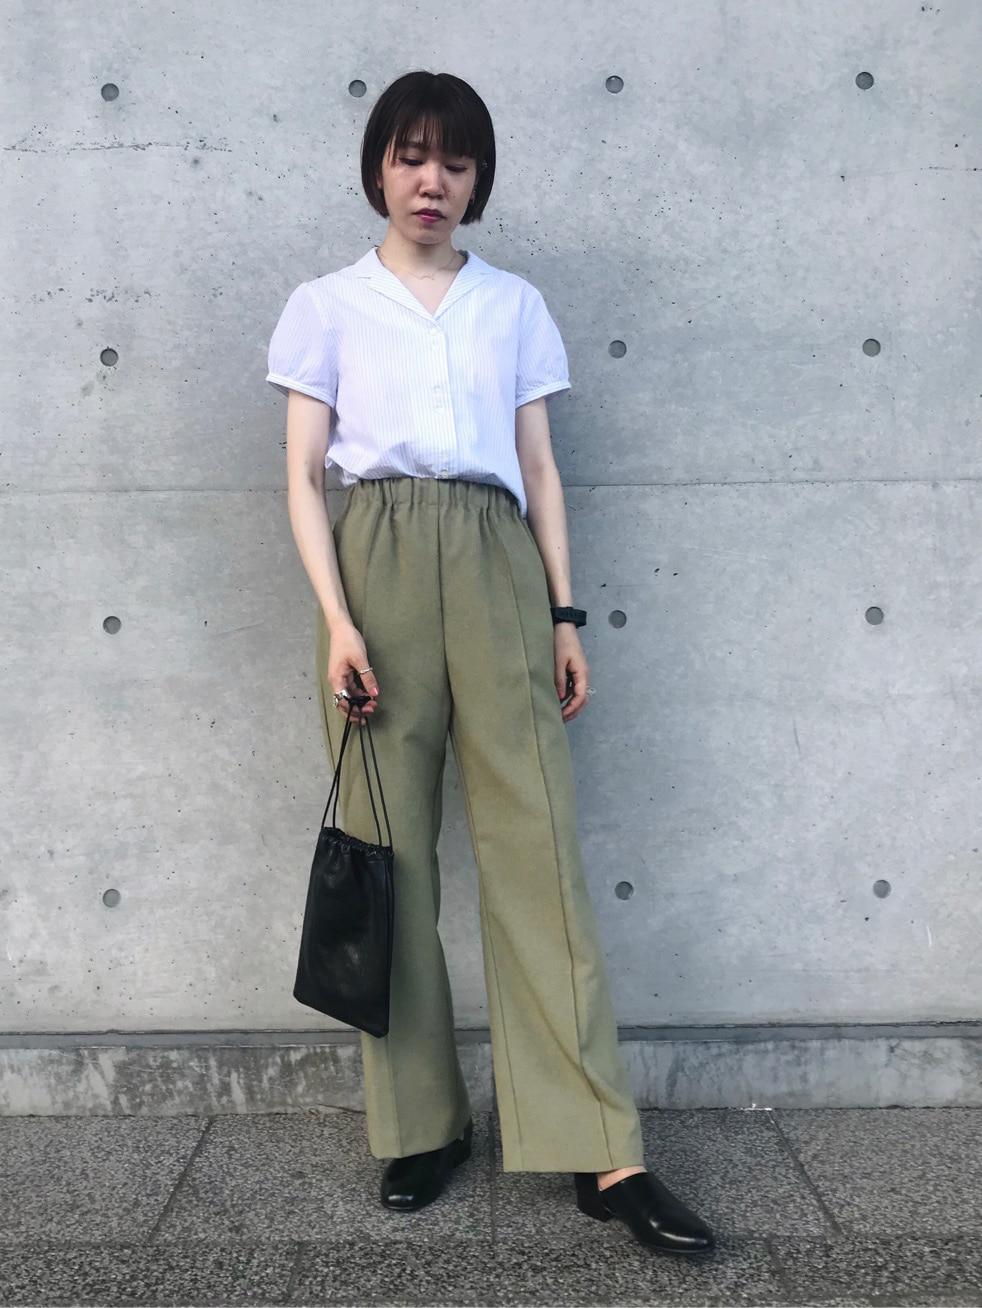 東京スカイツリータウン・ソラマチ 2020.08.15